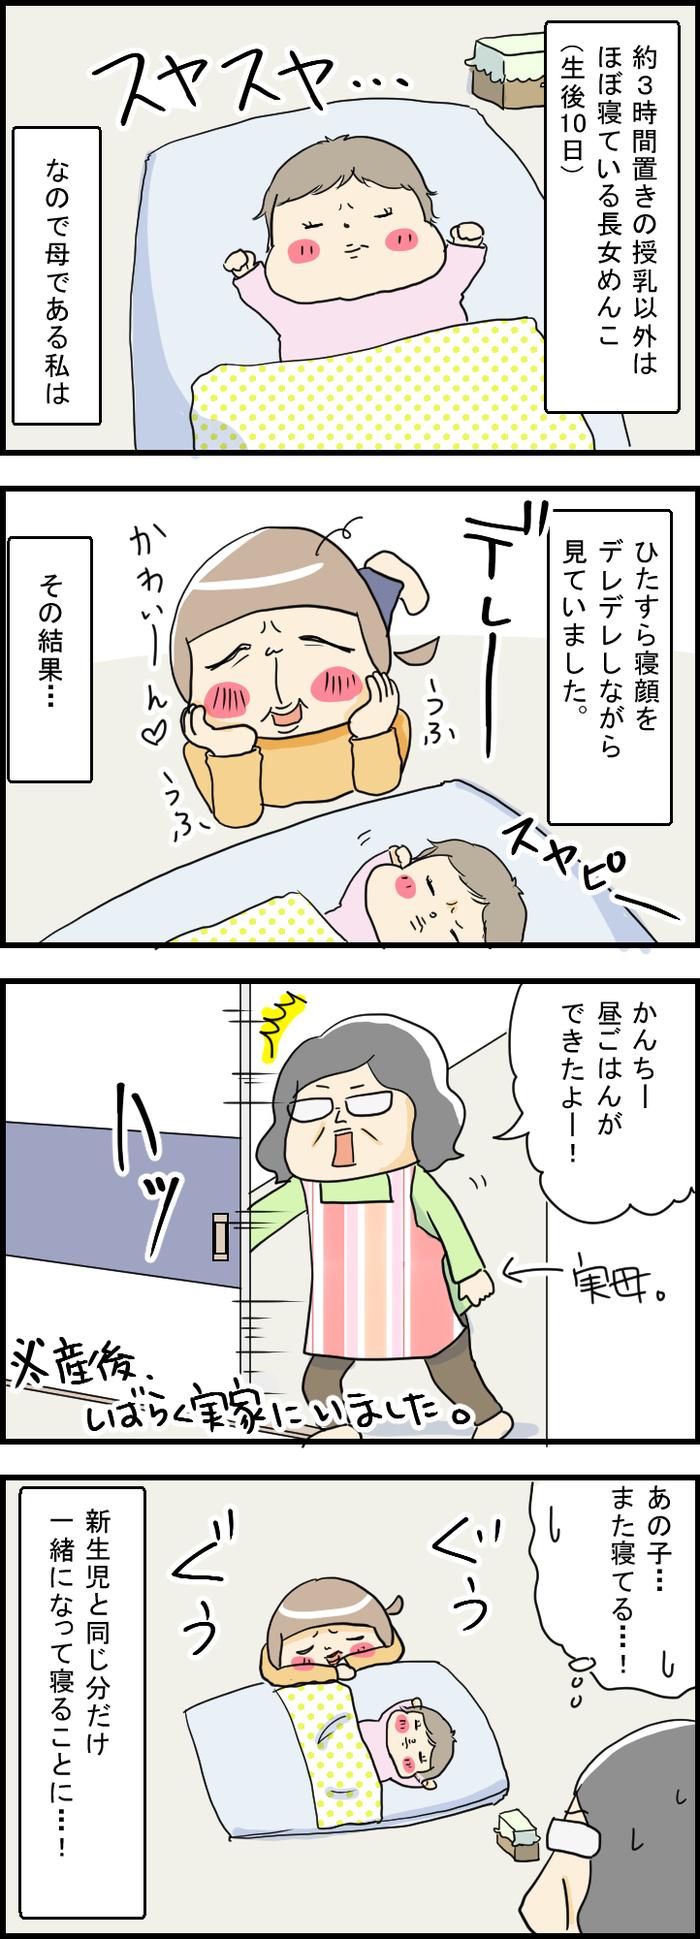 癒し効果抜群!我が子の寝顔が可愛すぎて、つい…(笑)の画像1